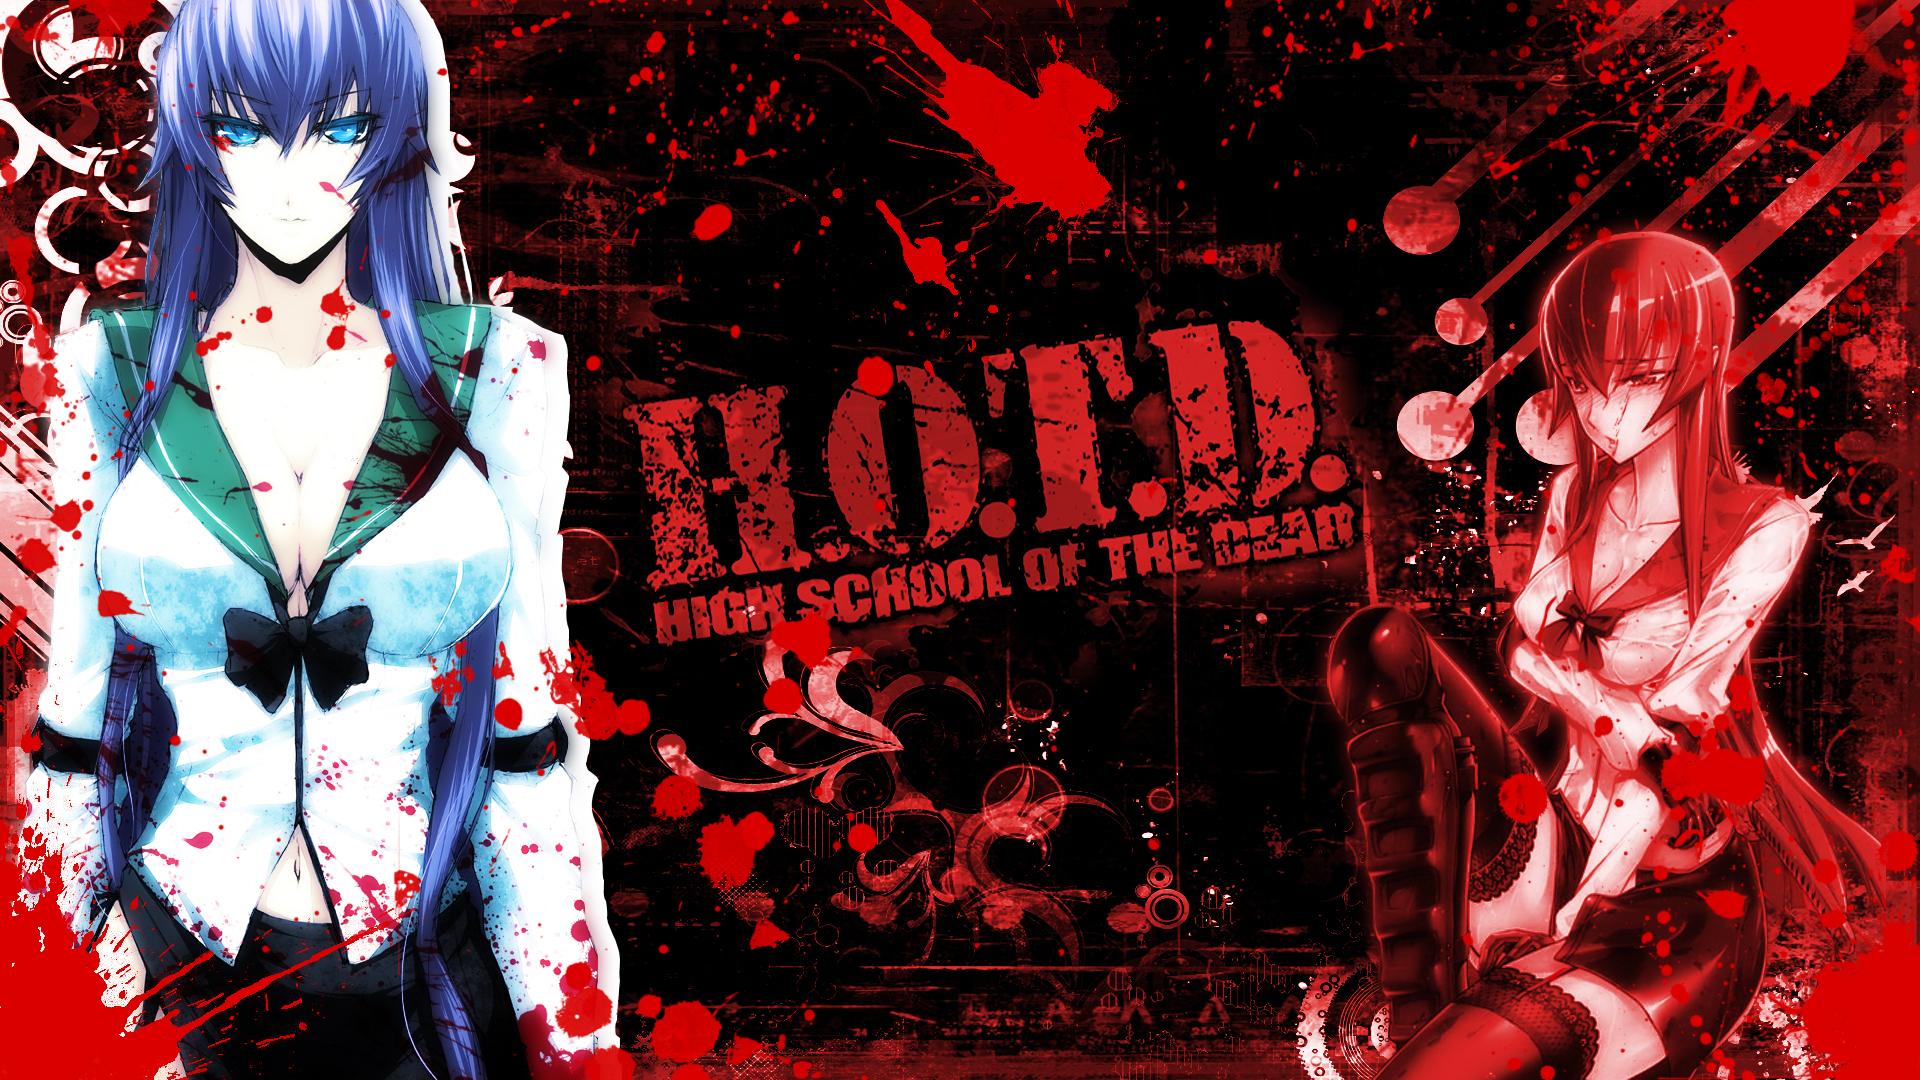 Highschool Of The Dead Wallpaper Hd